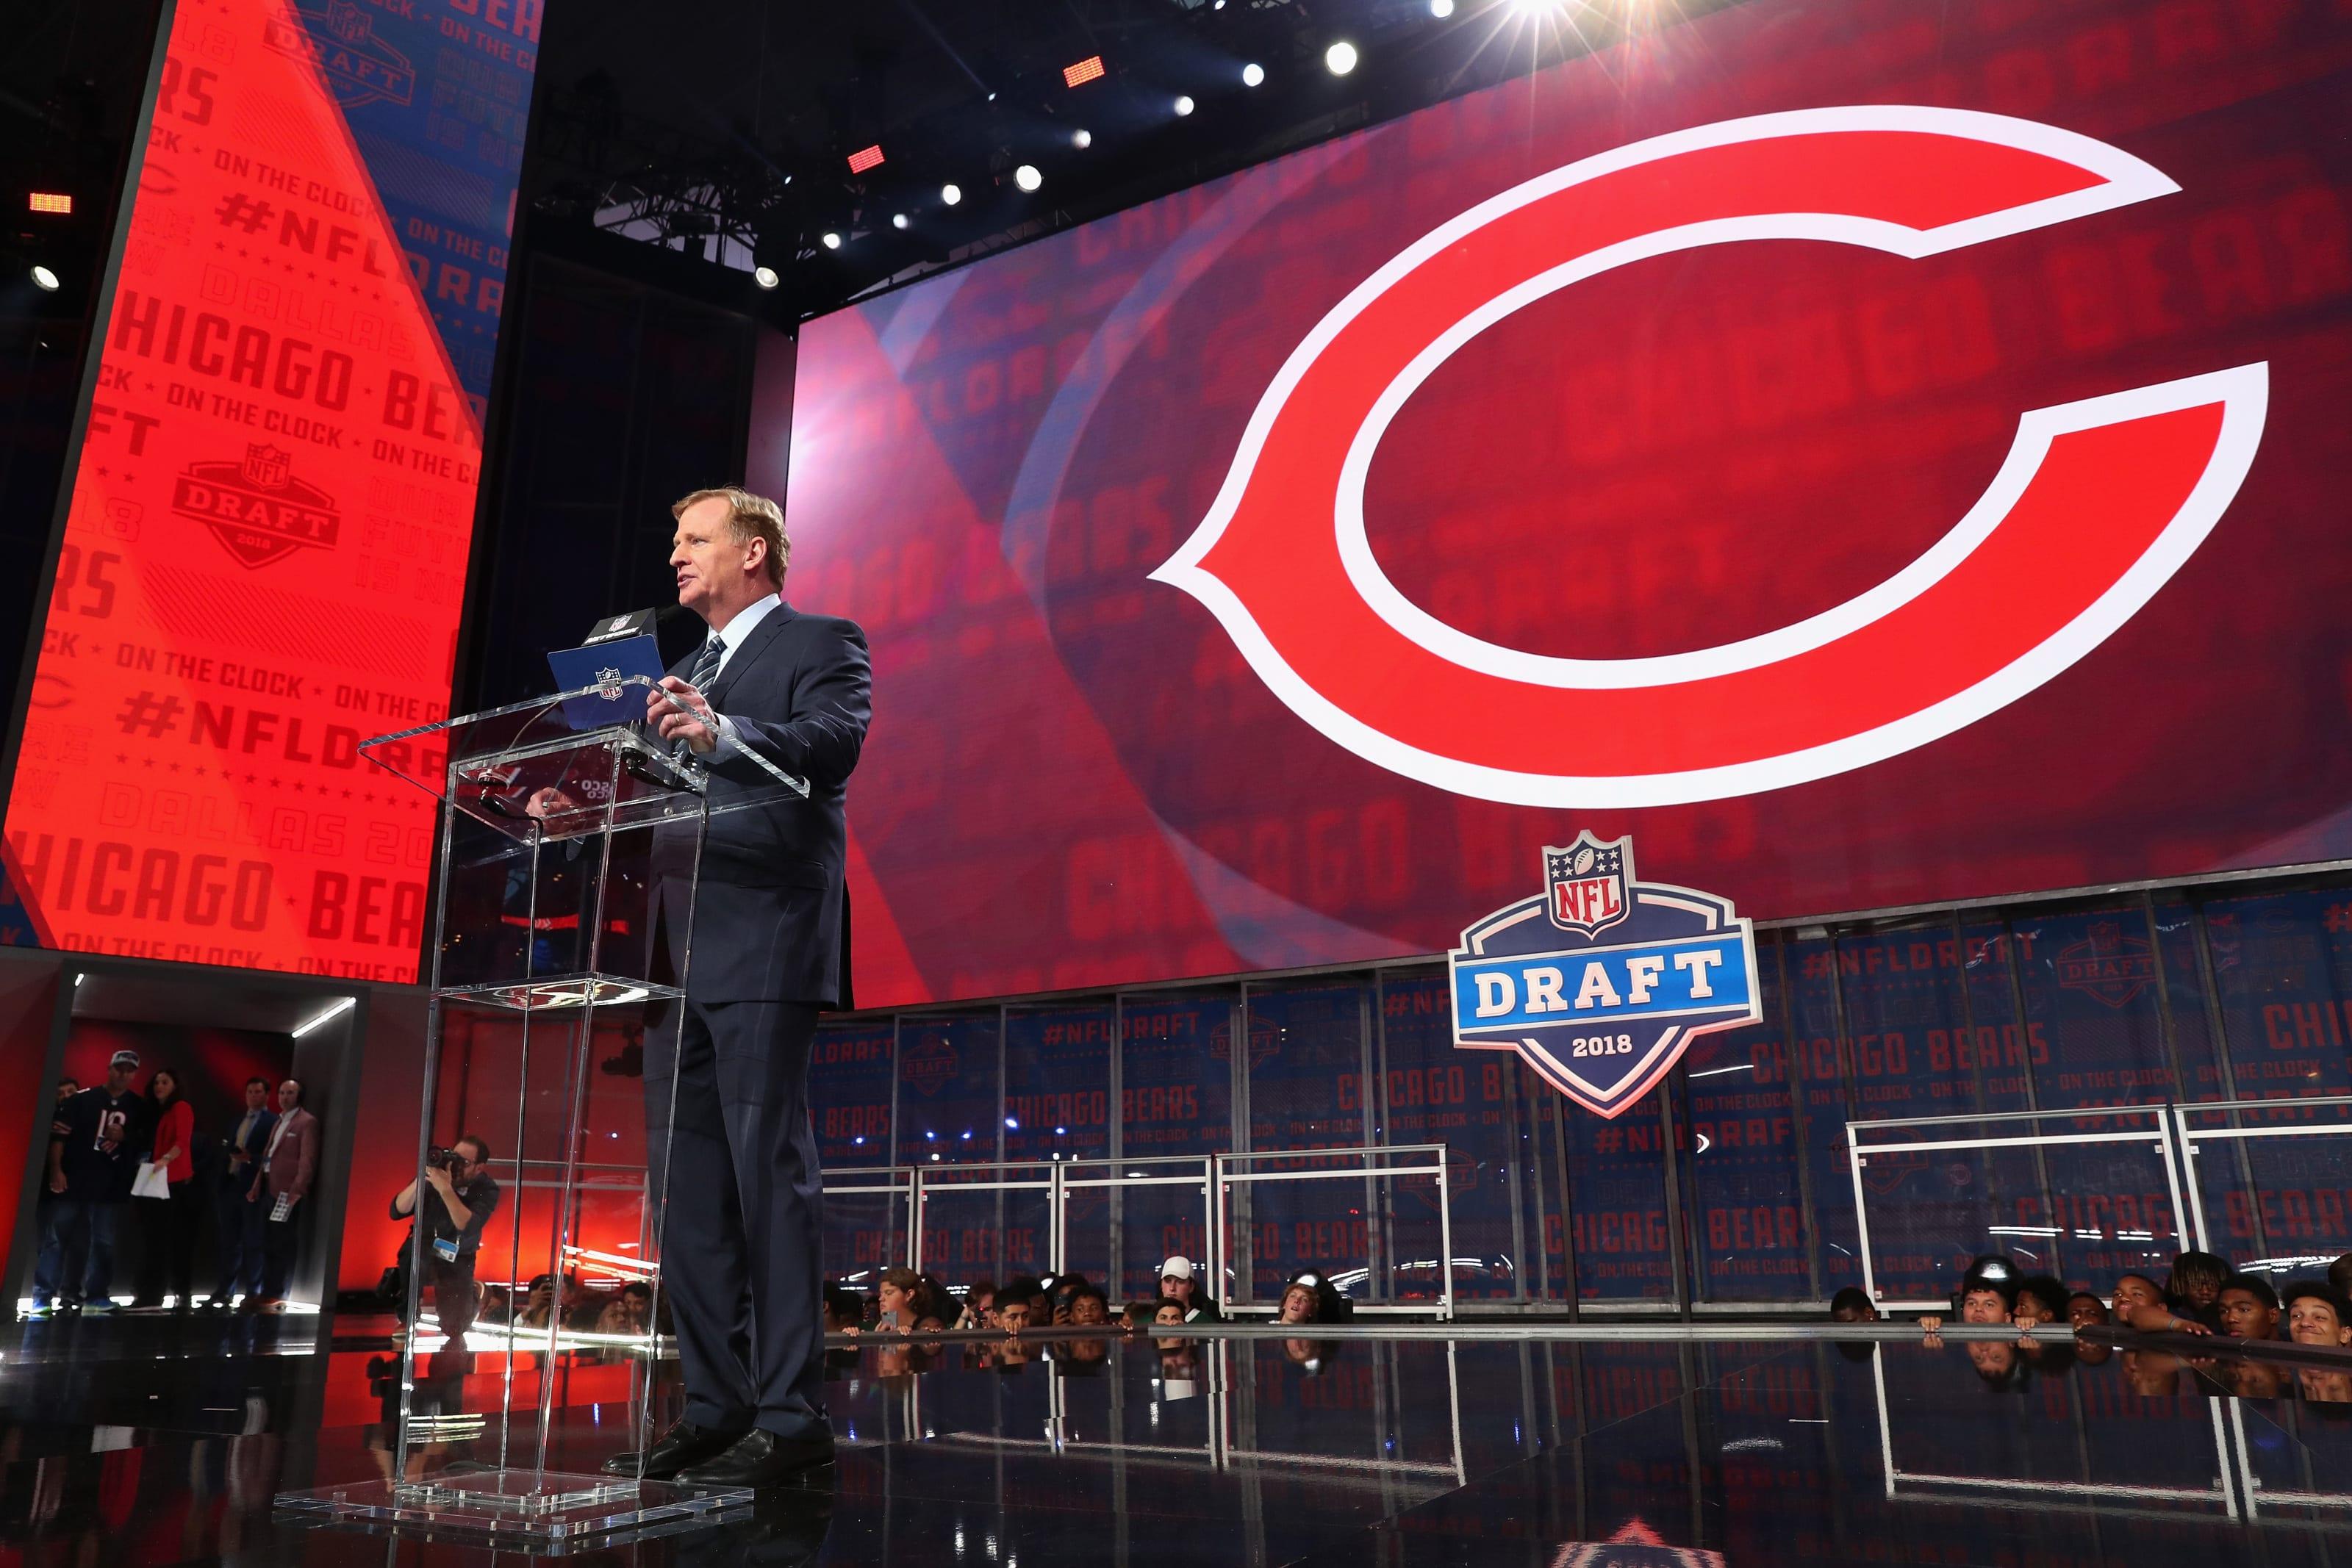 Chicago Bears, NFL Draft